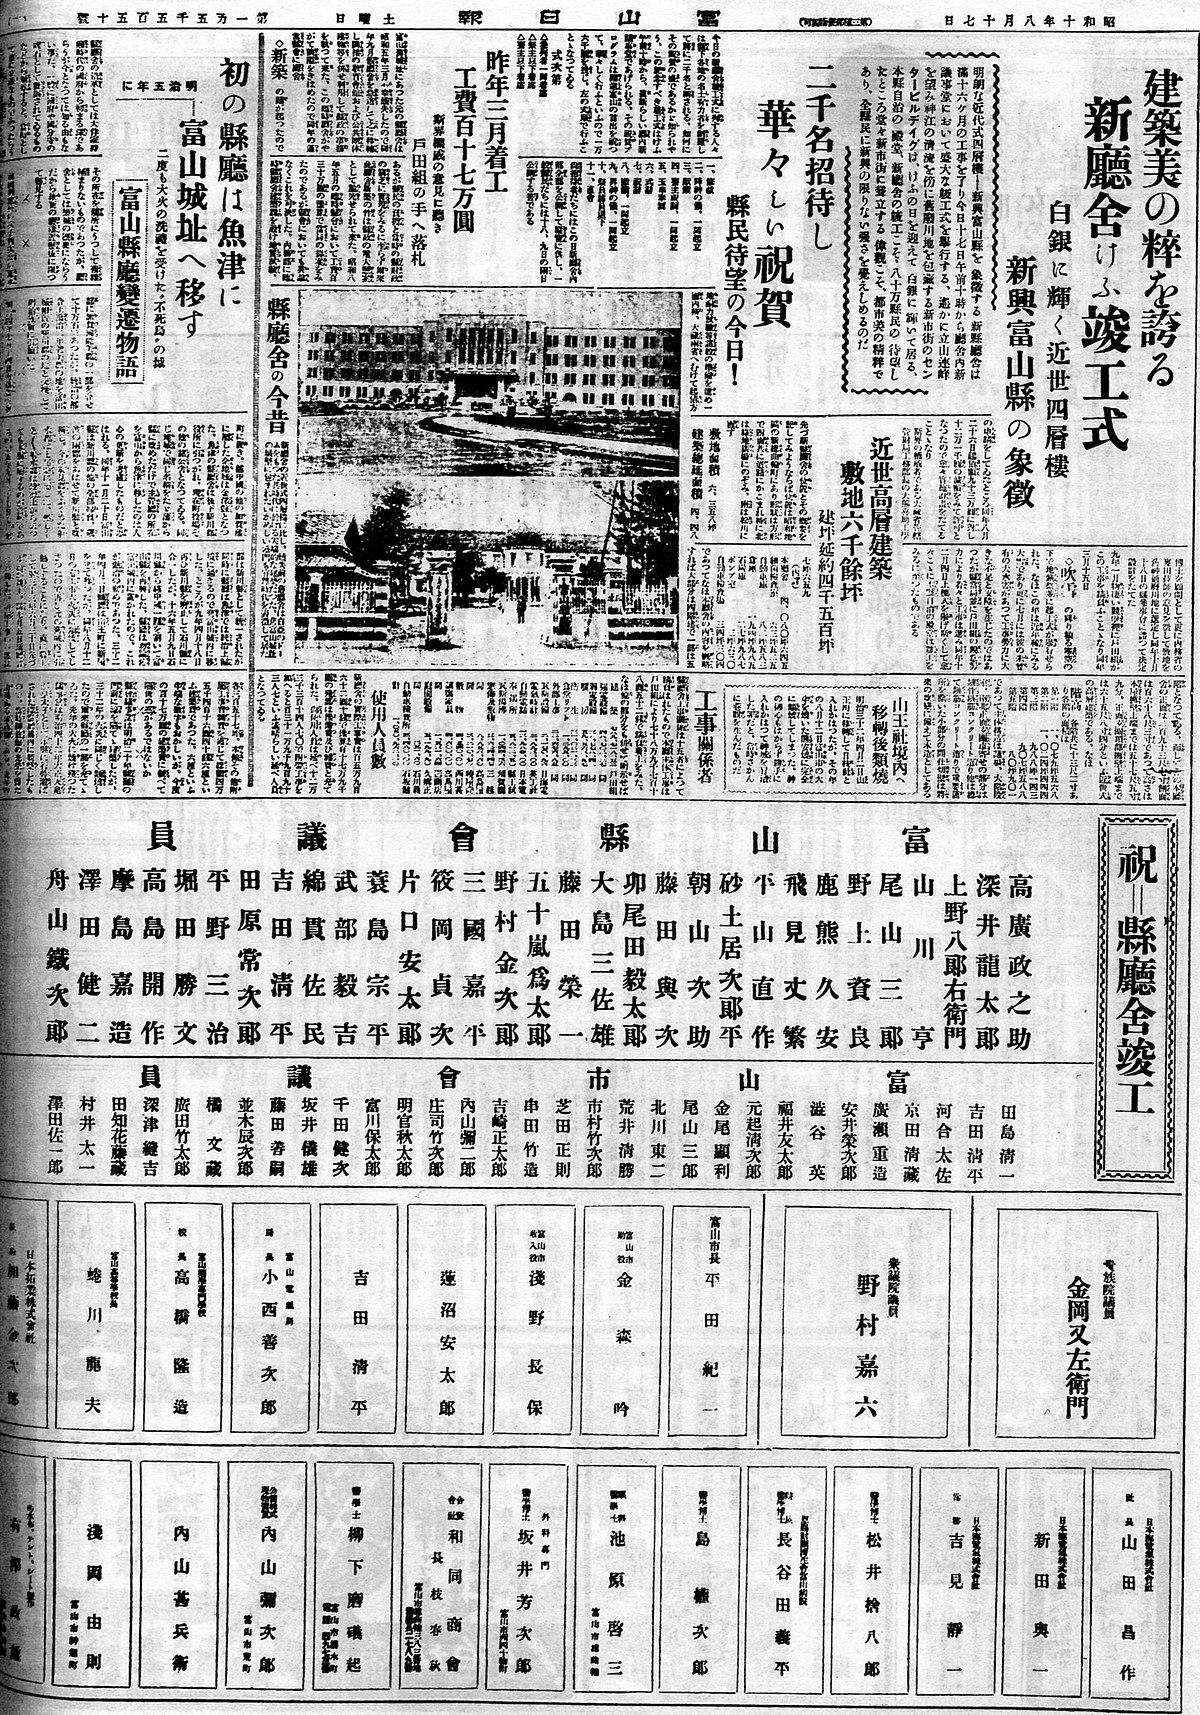 ファイル:『富山日報』1935年(昭和10年)8月17日.jpg - Wikipedia